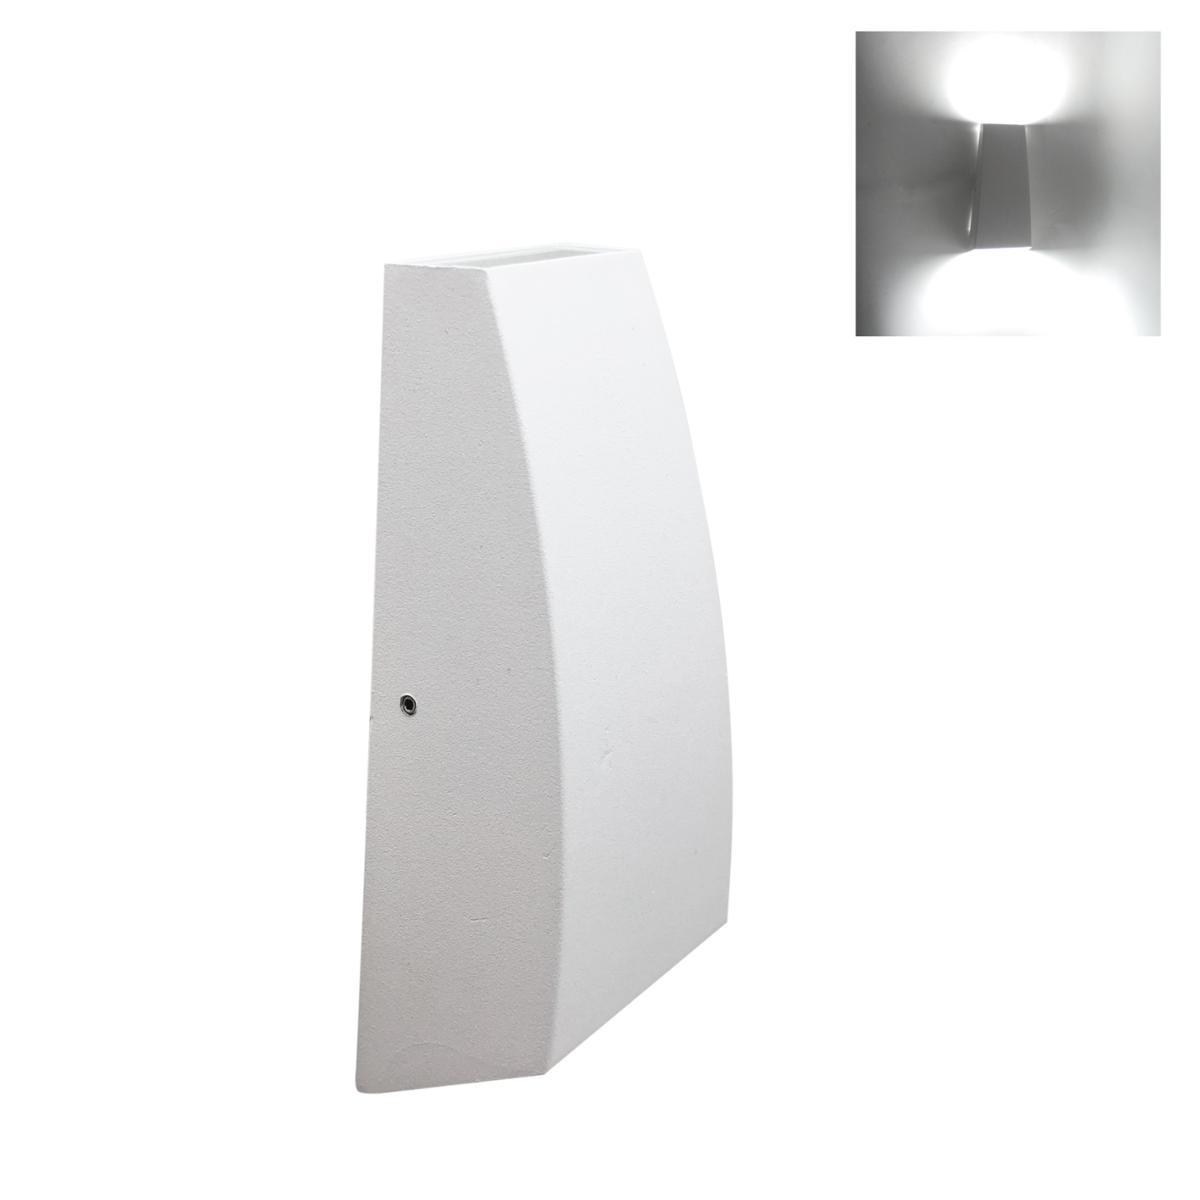 SILAMP Applique murale LED Double Faisceaux 7W IP44 BLANC - Blanc Neutre 4000K - 5500K